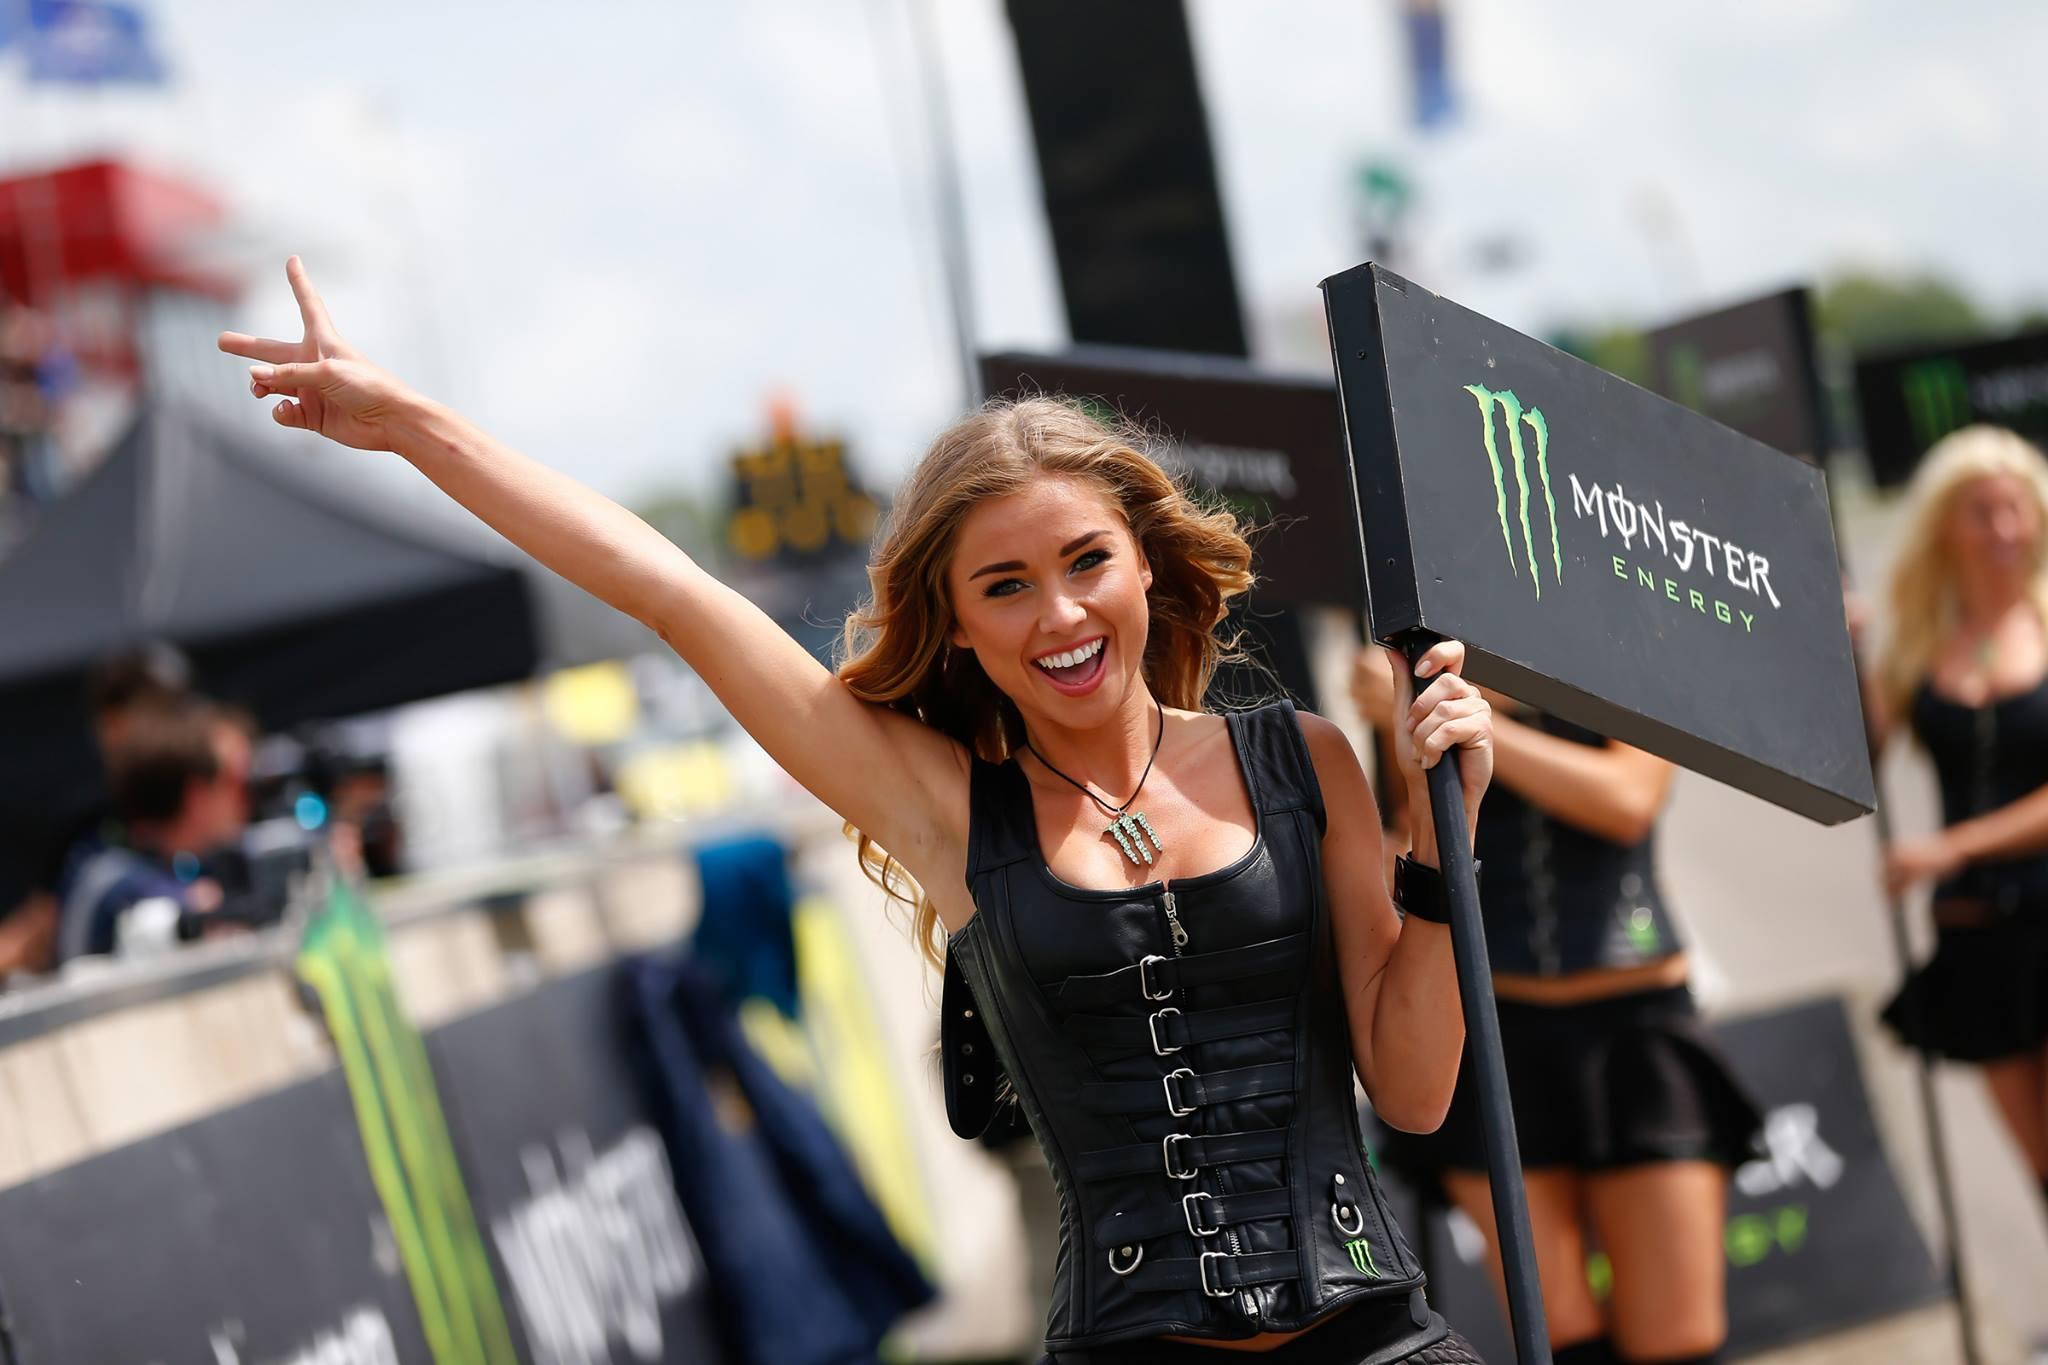 Monster Energy Girls Coming to NASCAR